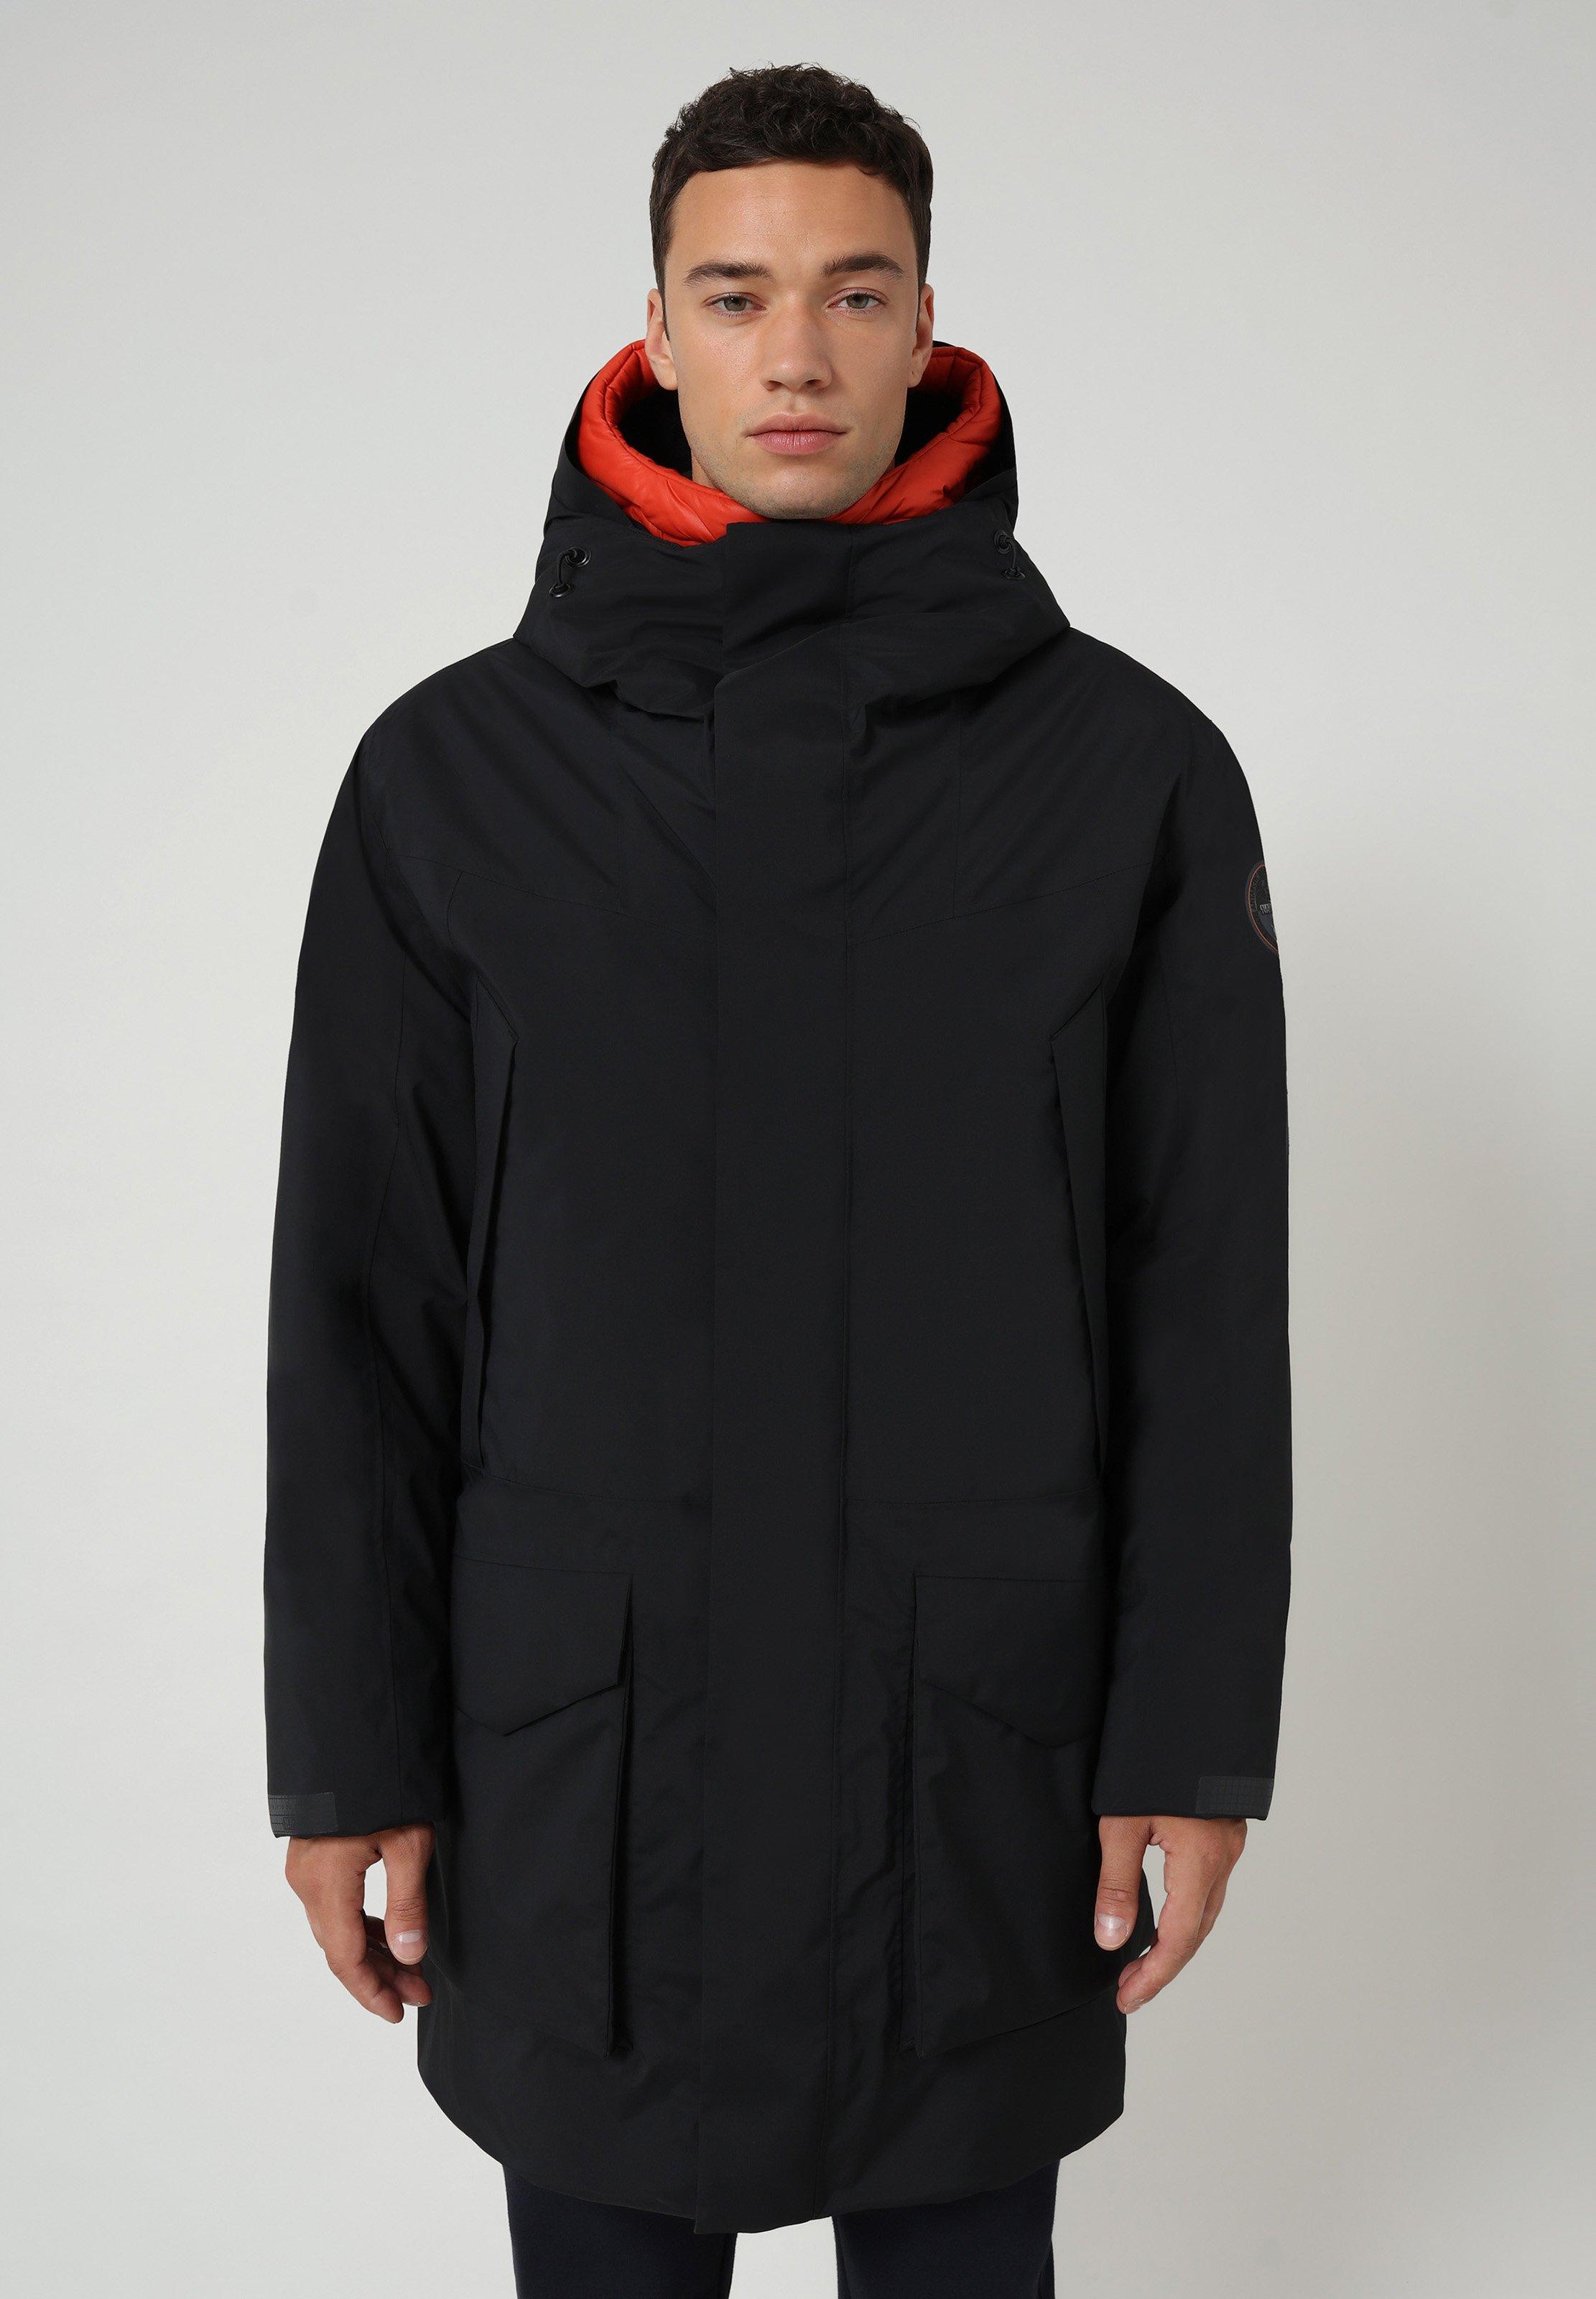 Homme FAHRENHEIT - Veste d'hiver - black